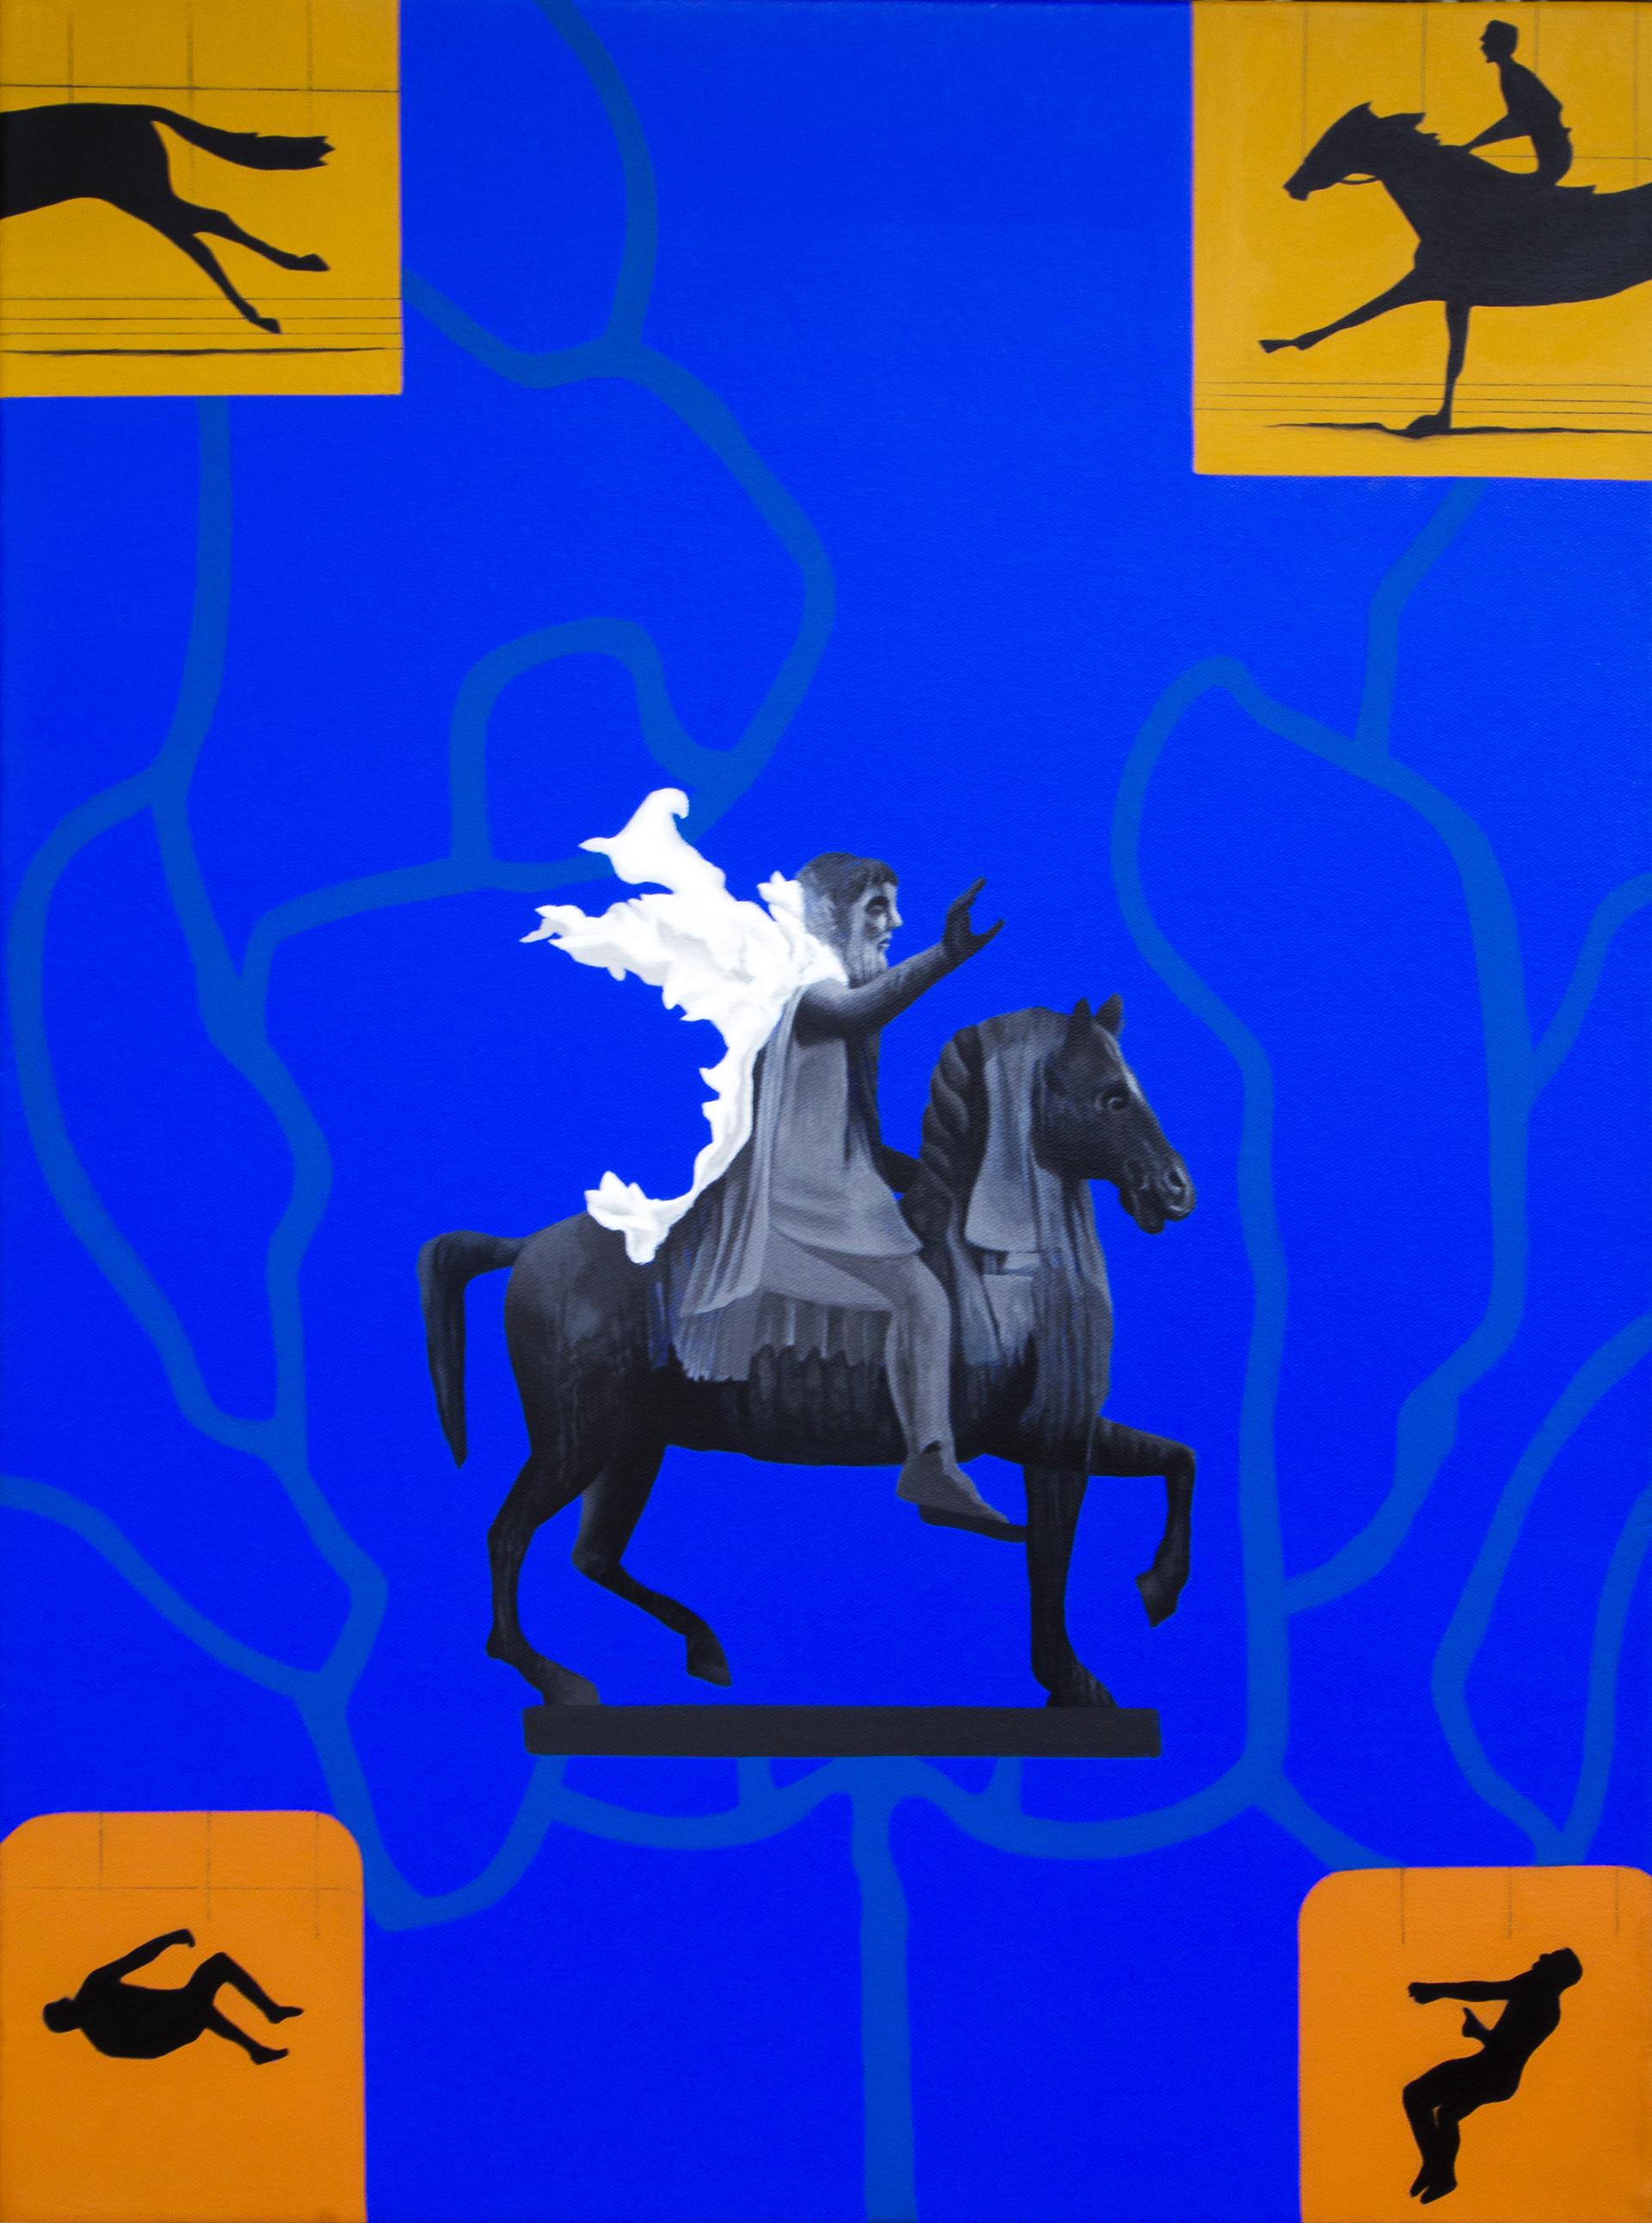 Babu Eshwar Prasad | Galloping Frames | Acrylic on canvas | 18 x 24 inches | 2017